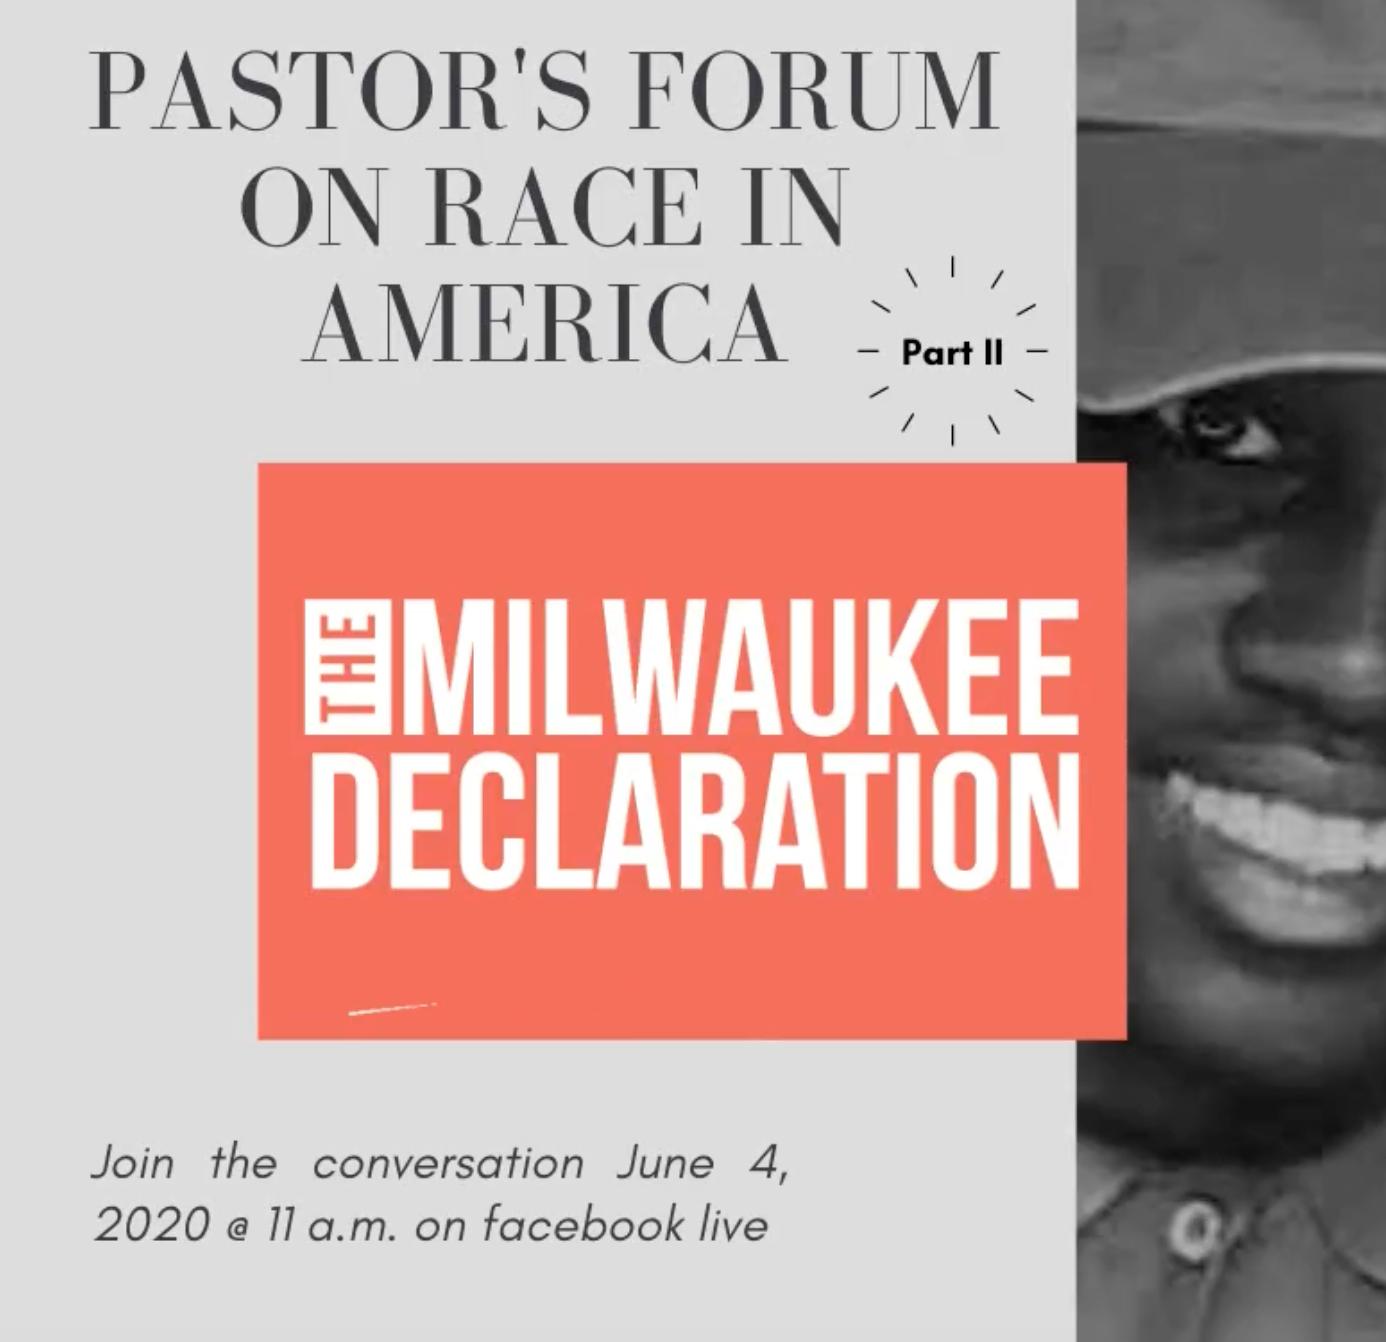 Pastors Forum part 2